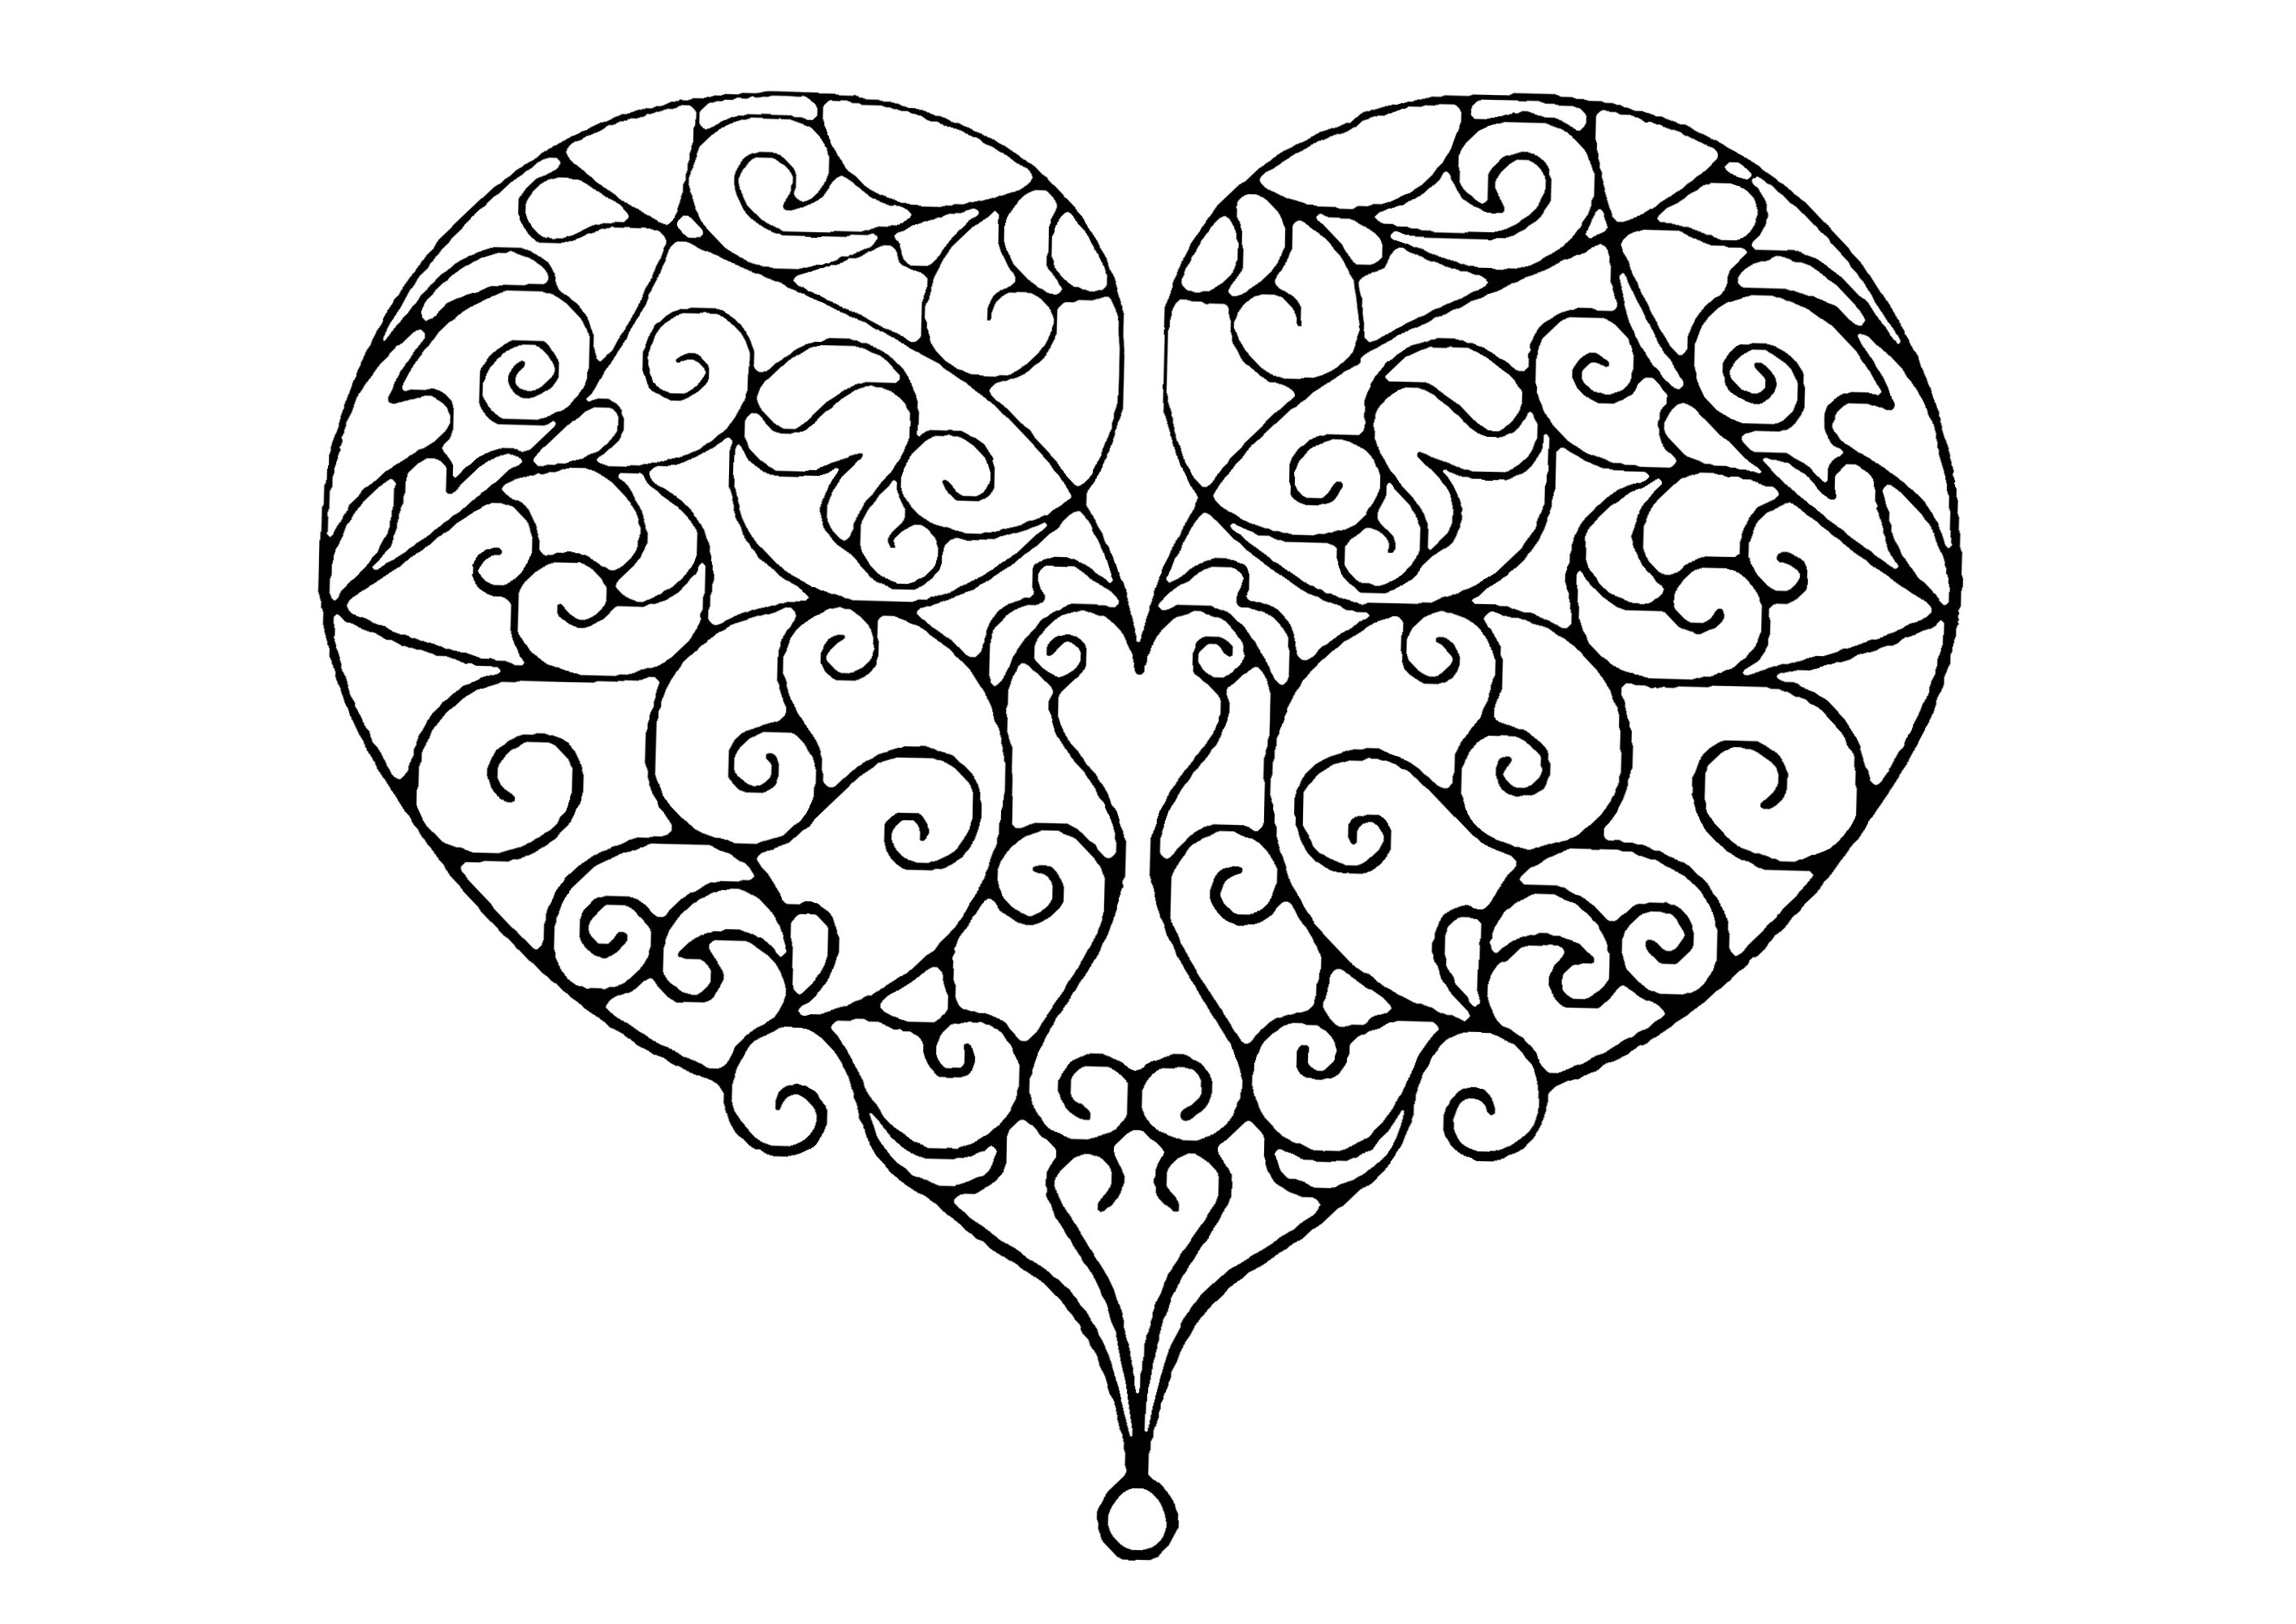 Coloriez ce joli coeur constitué de nombreuses lignes curves et élégantes